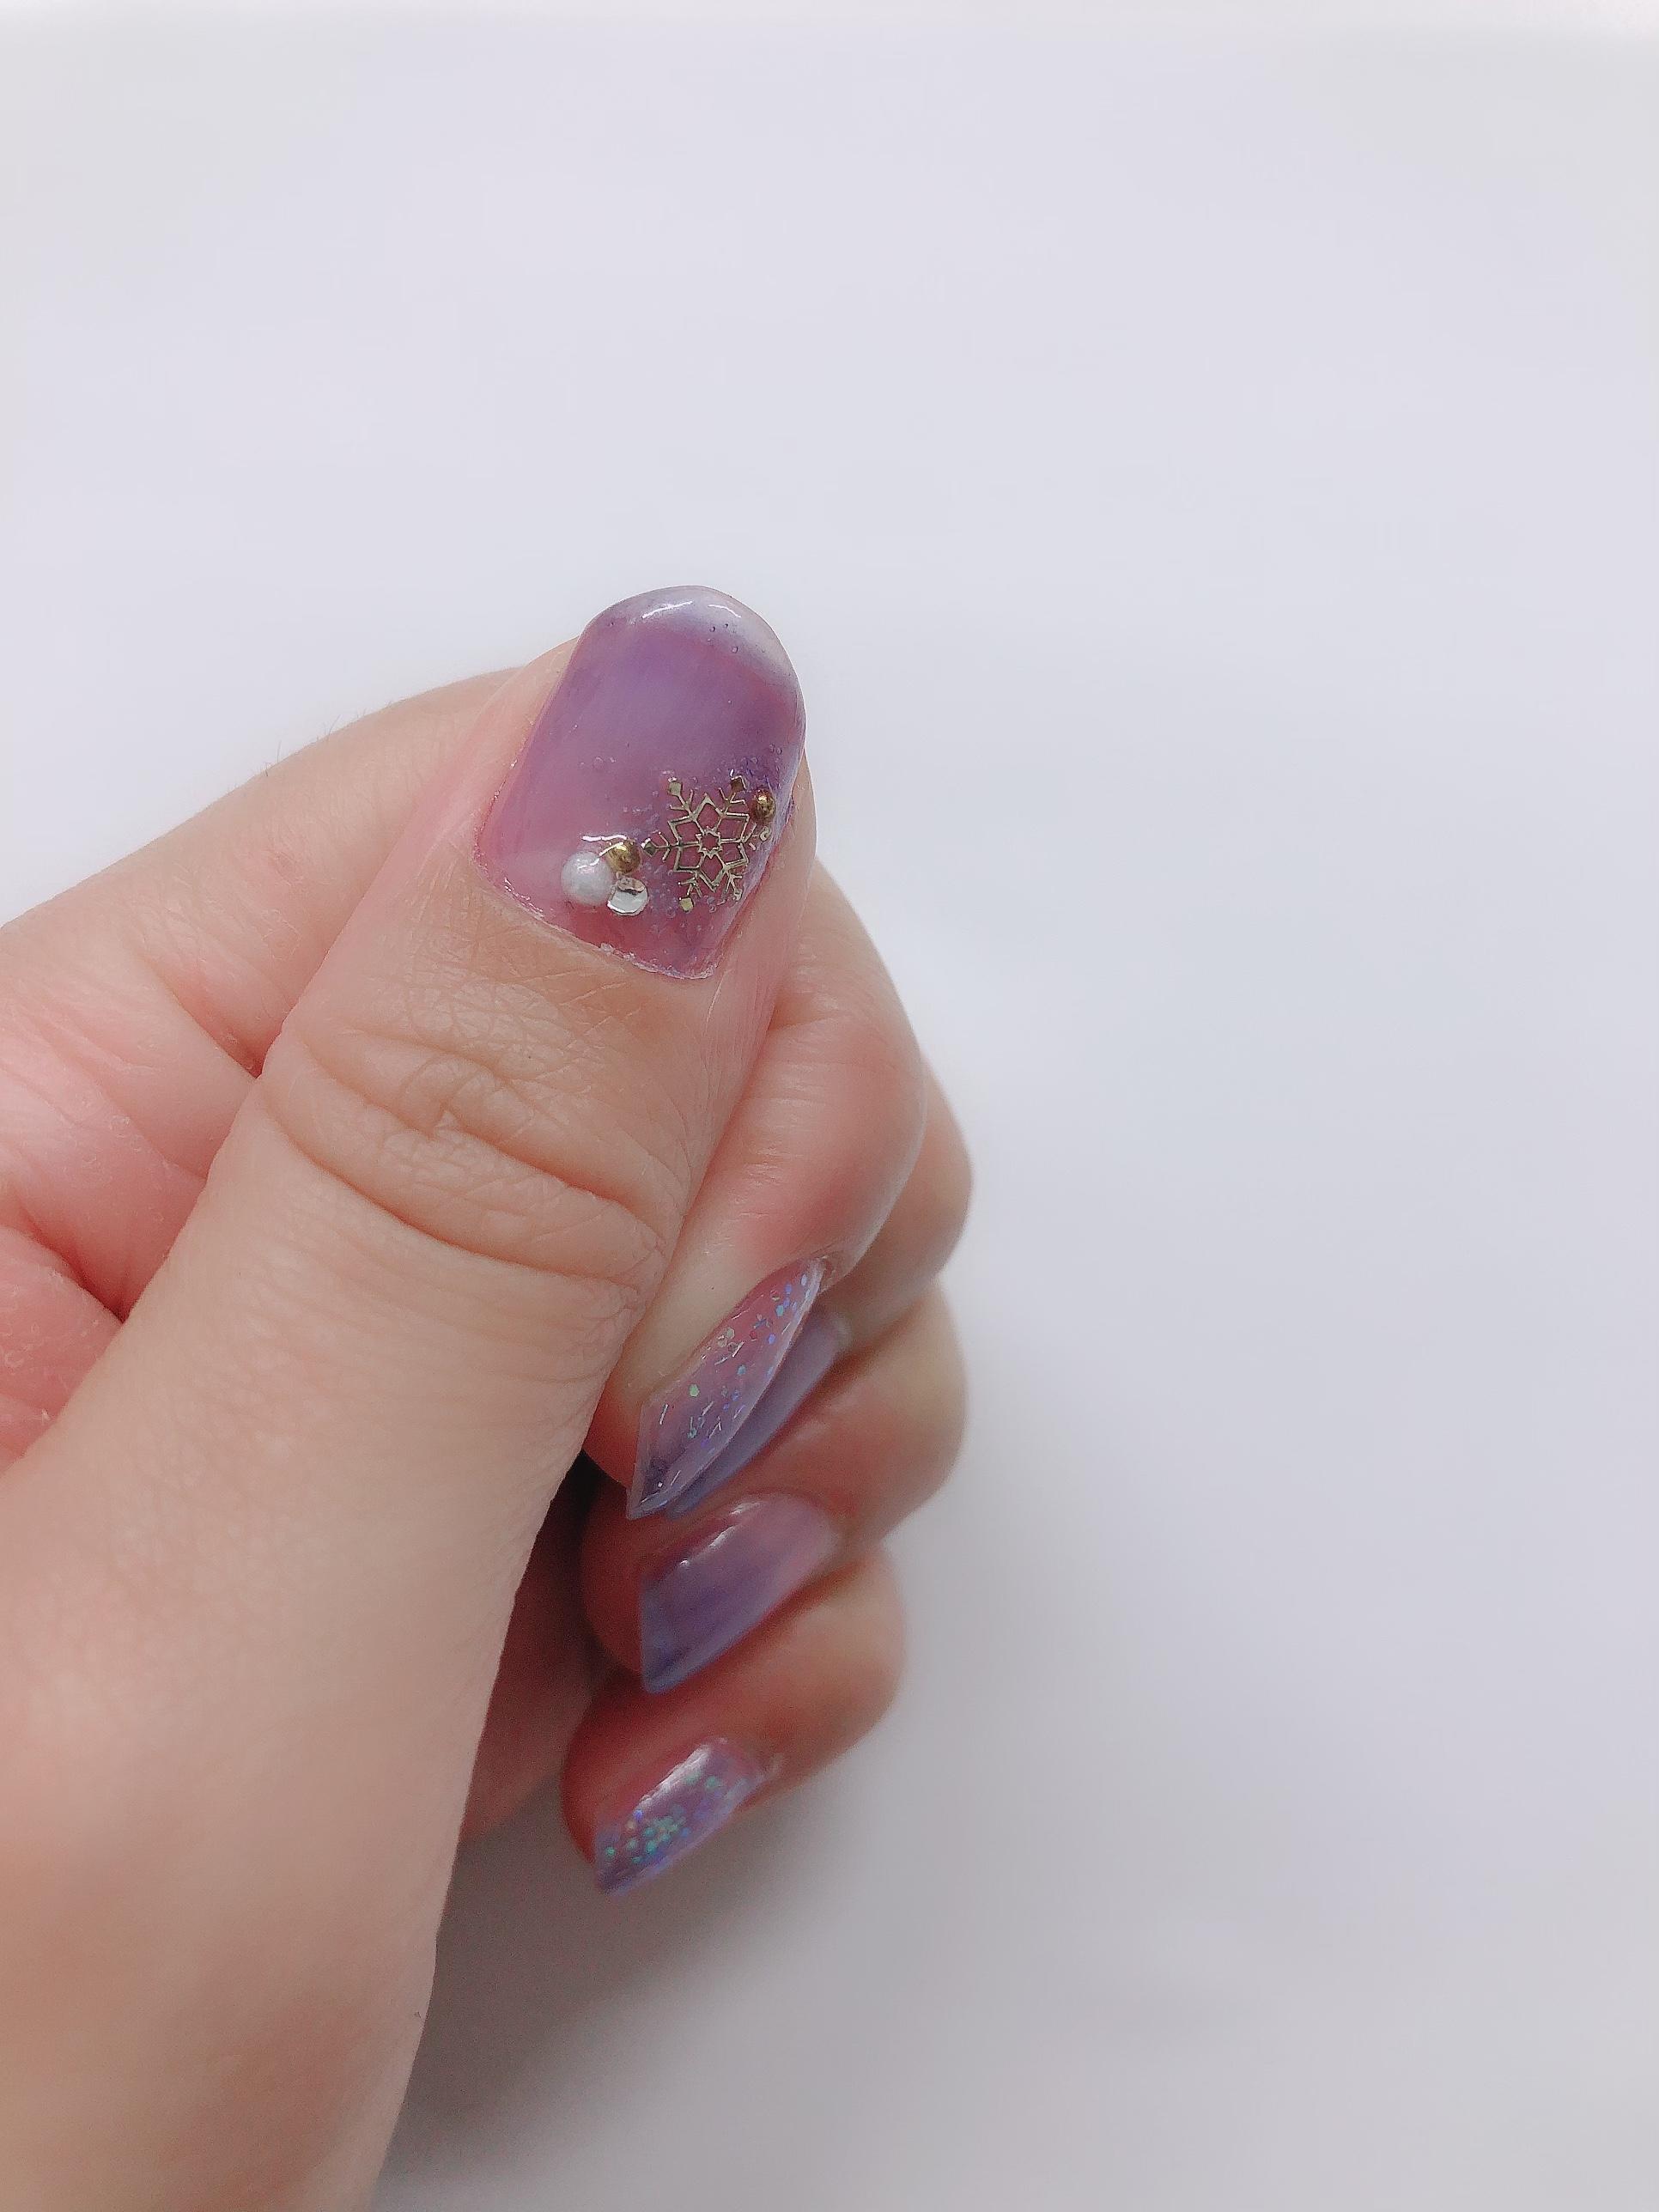 【#ダイソー】シロップみたいな透明感が魅力♩ちゅるんとした質感が可愛いネイルを¥110で!_3